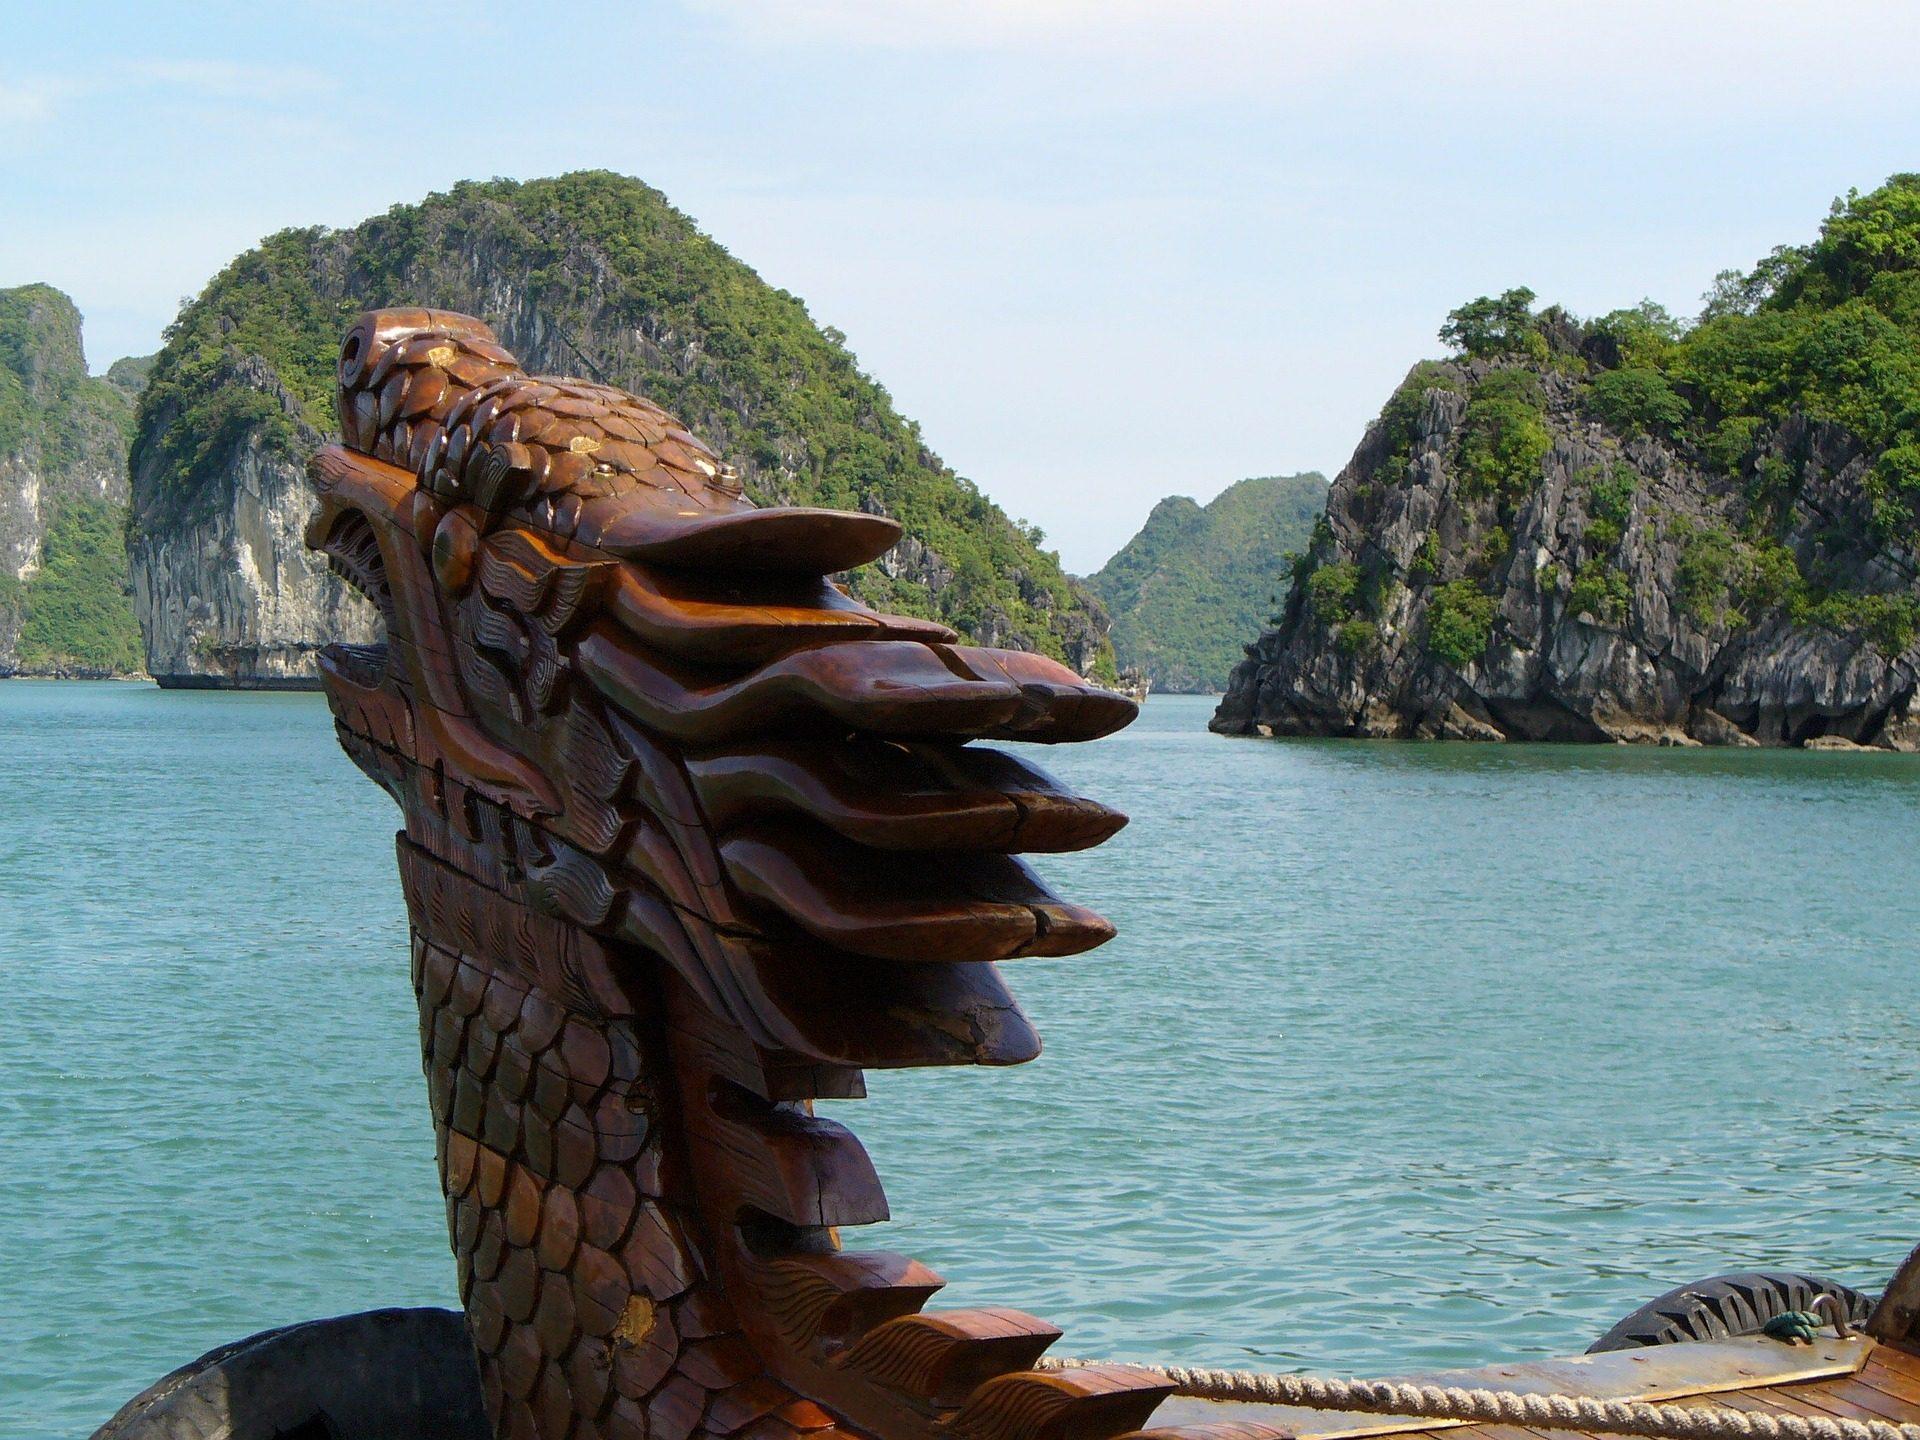 Skulptur, Dragón, Montañas, Meer, Klippen, Vietnam - Wallpaper HD - Prof.-falken.com